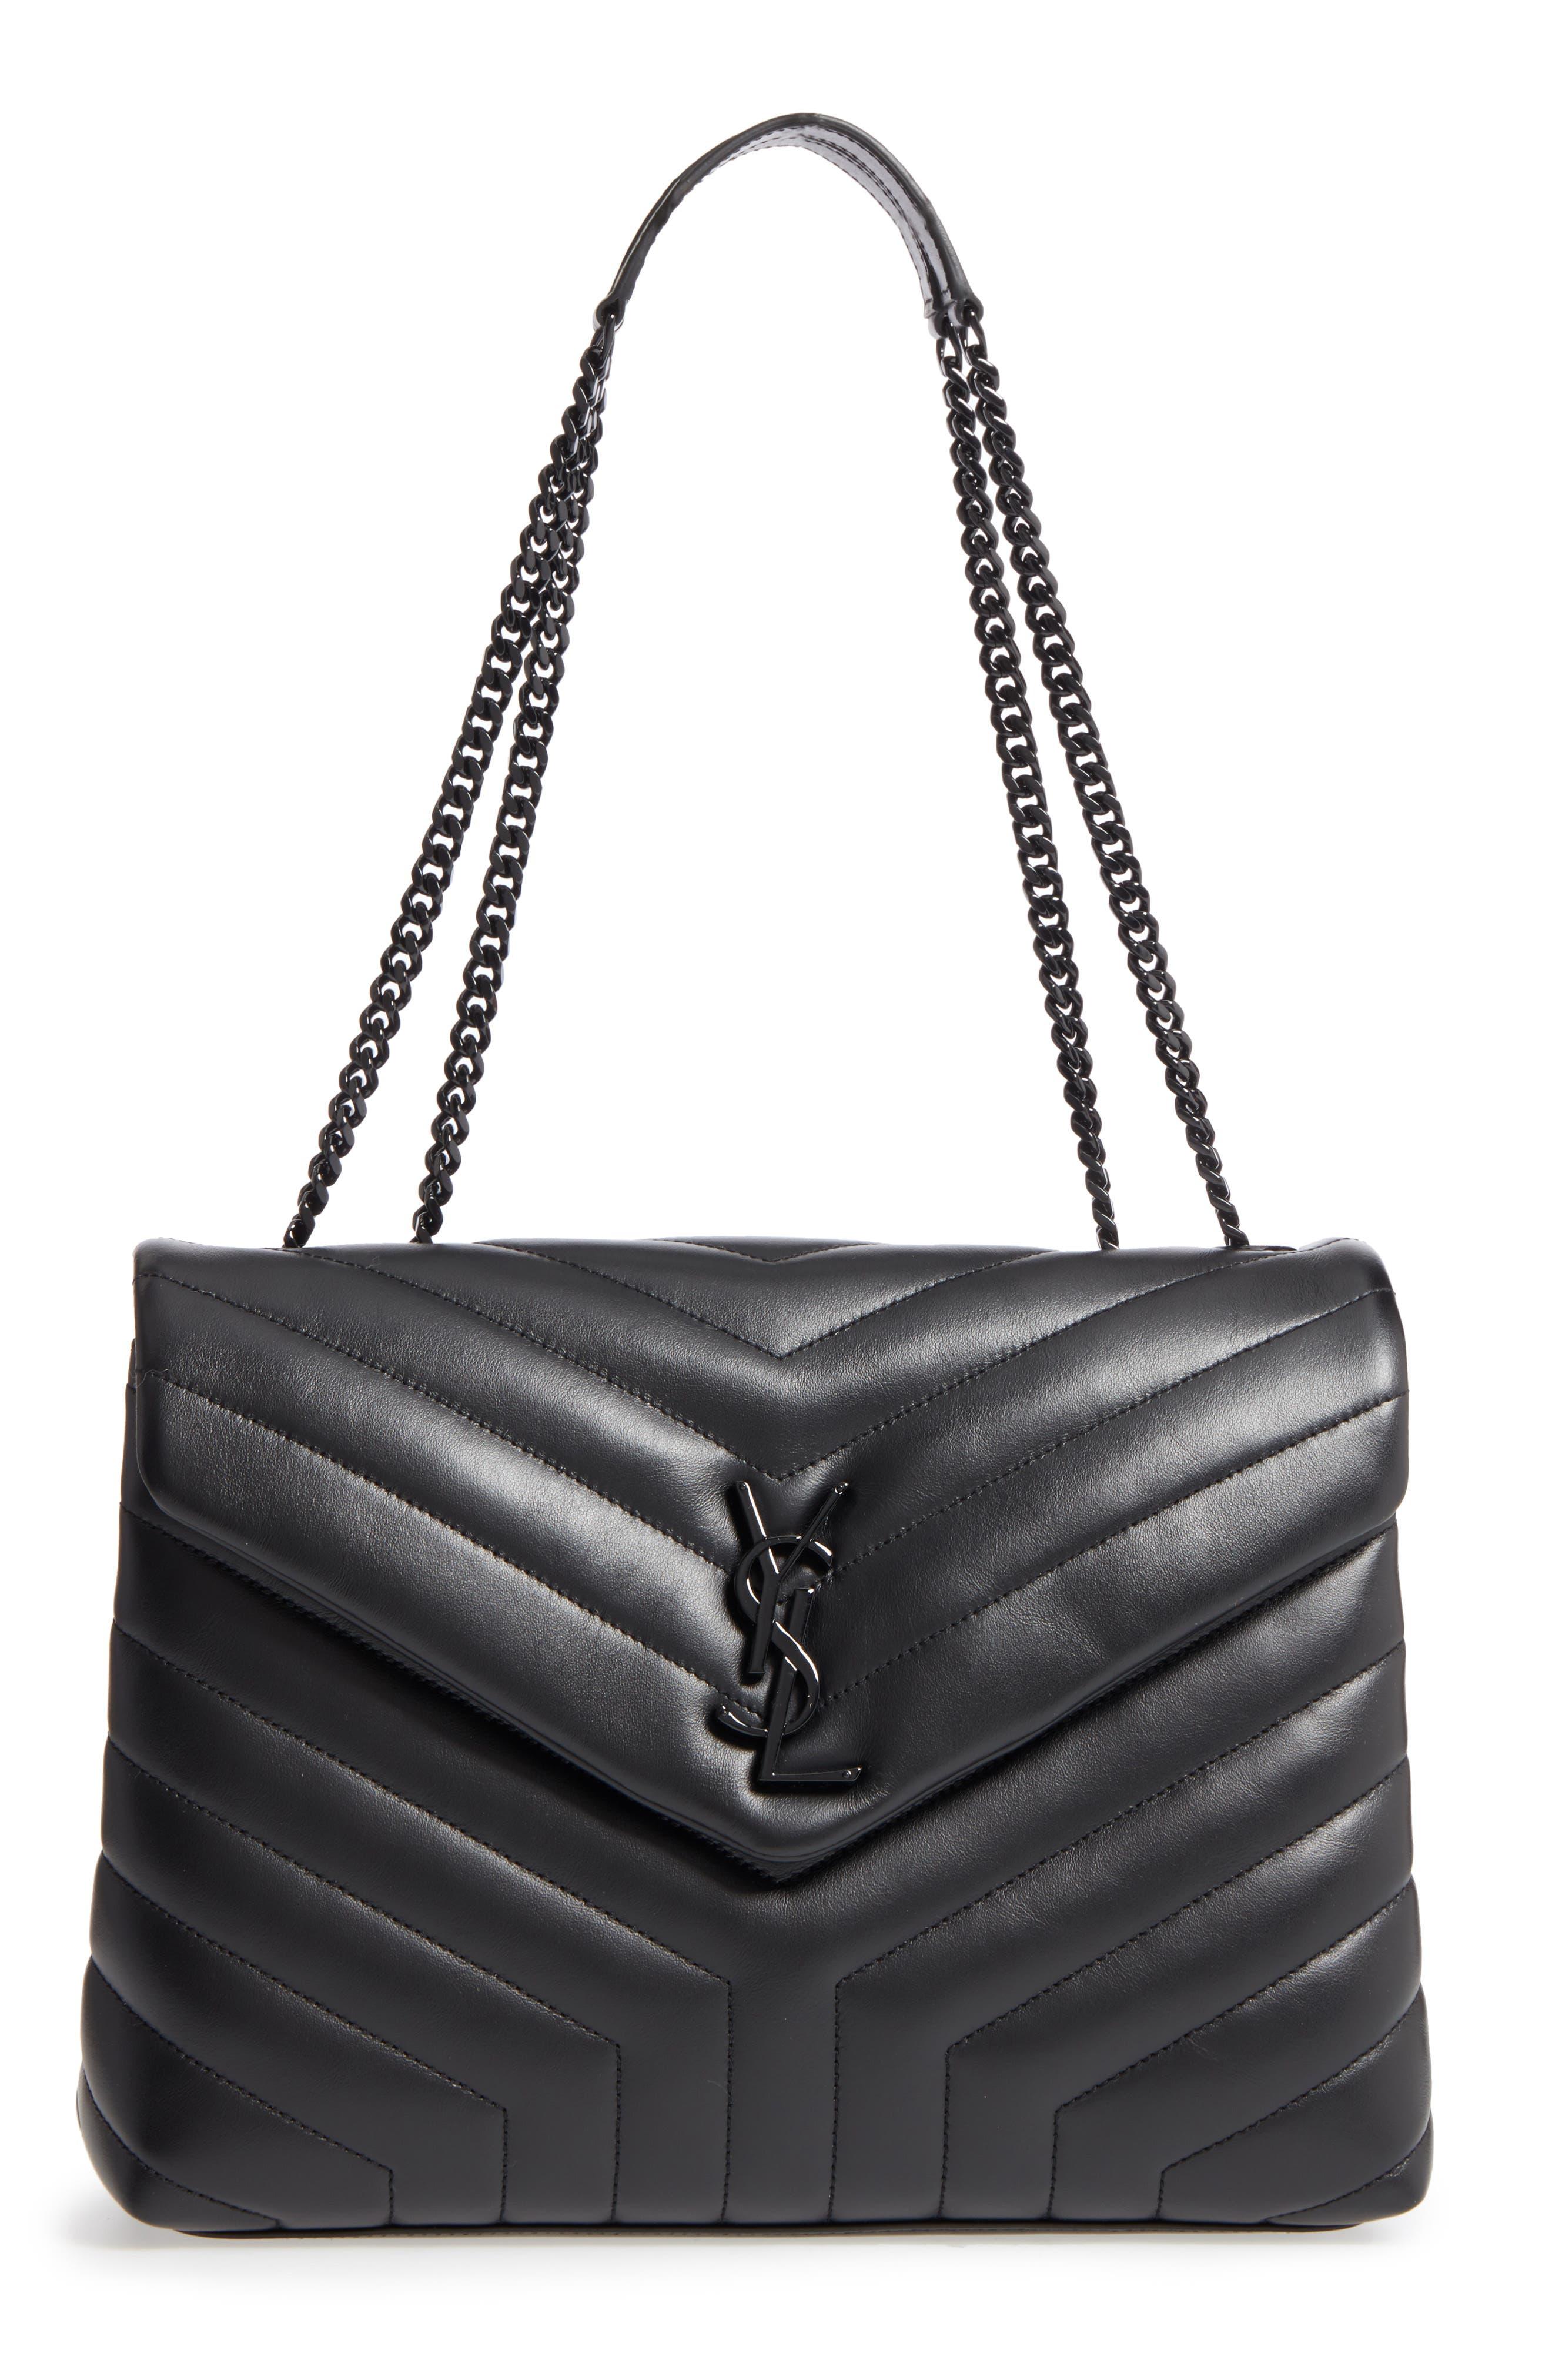 Medium Loulou Matelassé Leather Shoulder Bag,                             Main thumbnail 1, color,                             Noir